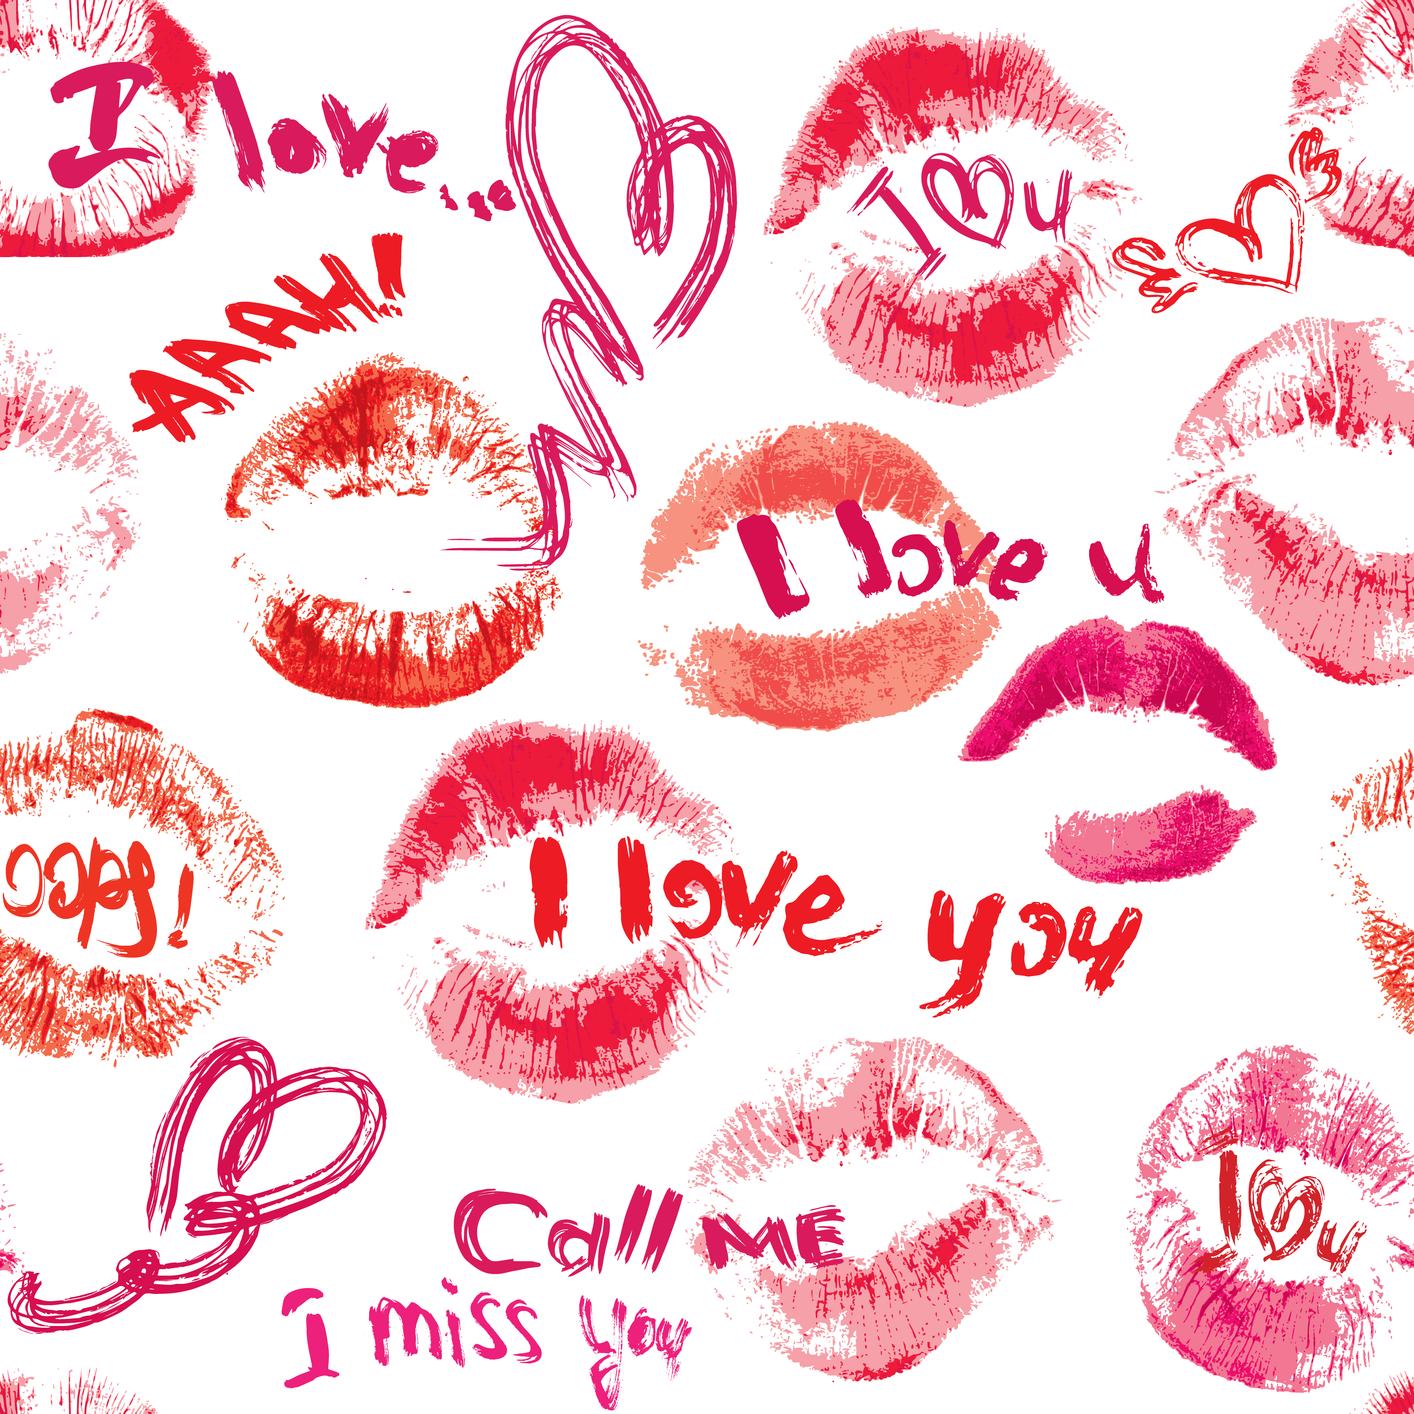 Стихи о любви на День святого Валентина Роберт Рождественский